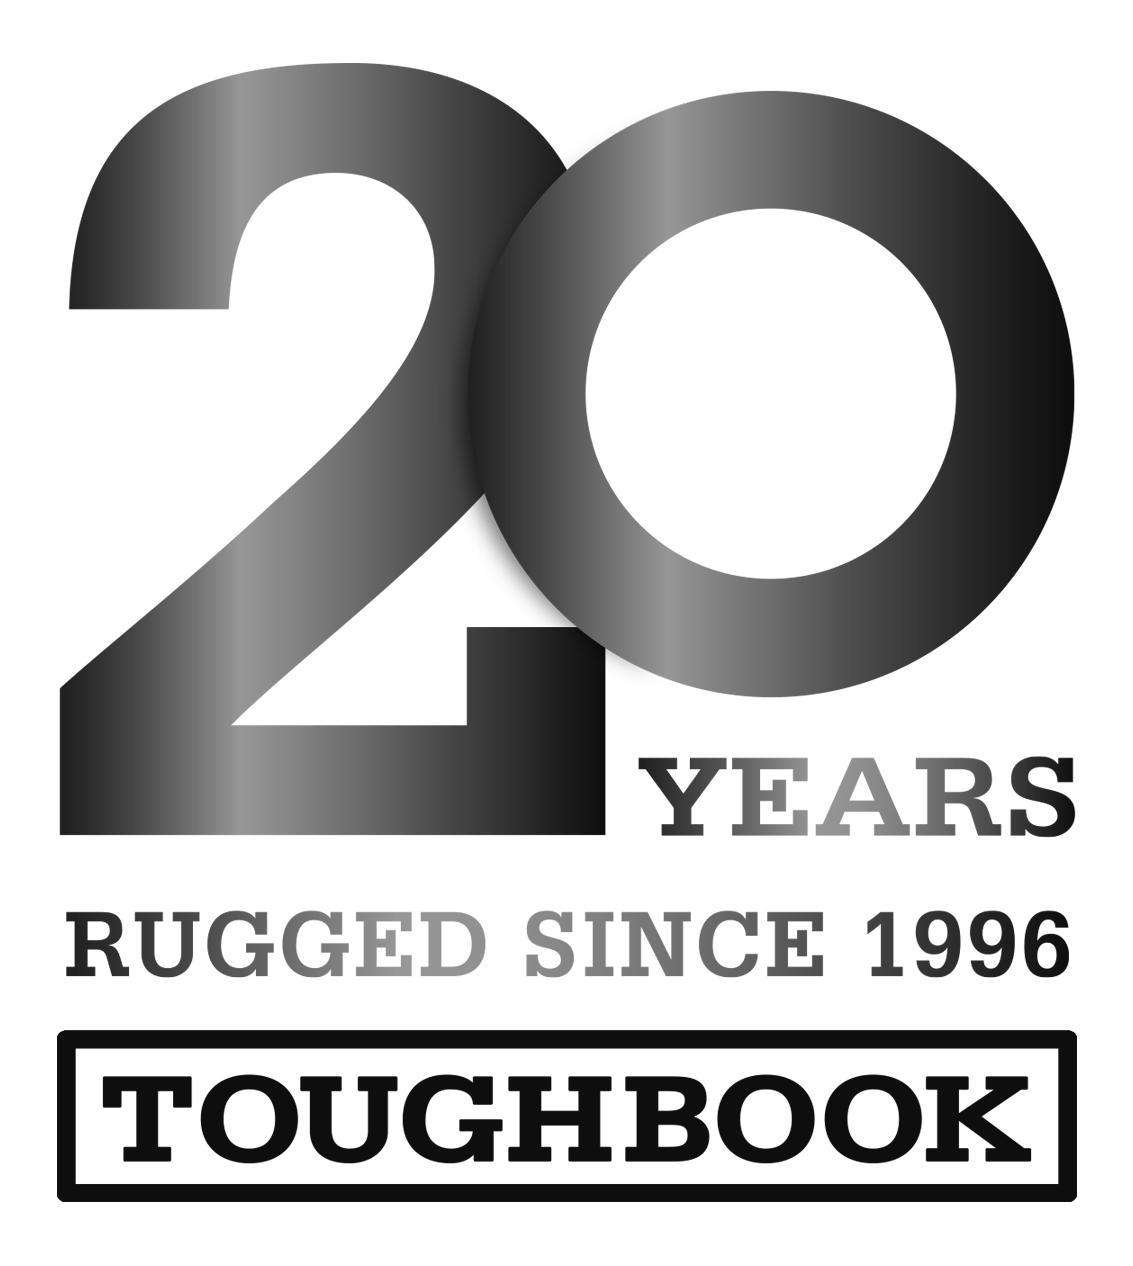 パナソニックの頑丈パソコン「TOUGHBOOK」が20周年